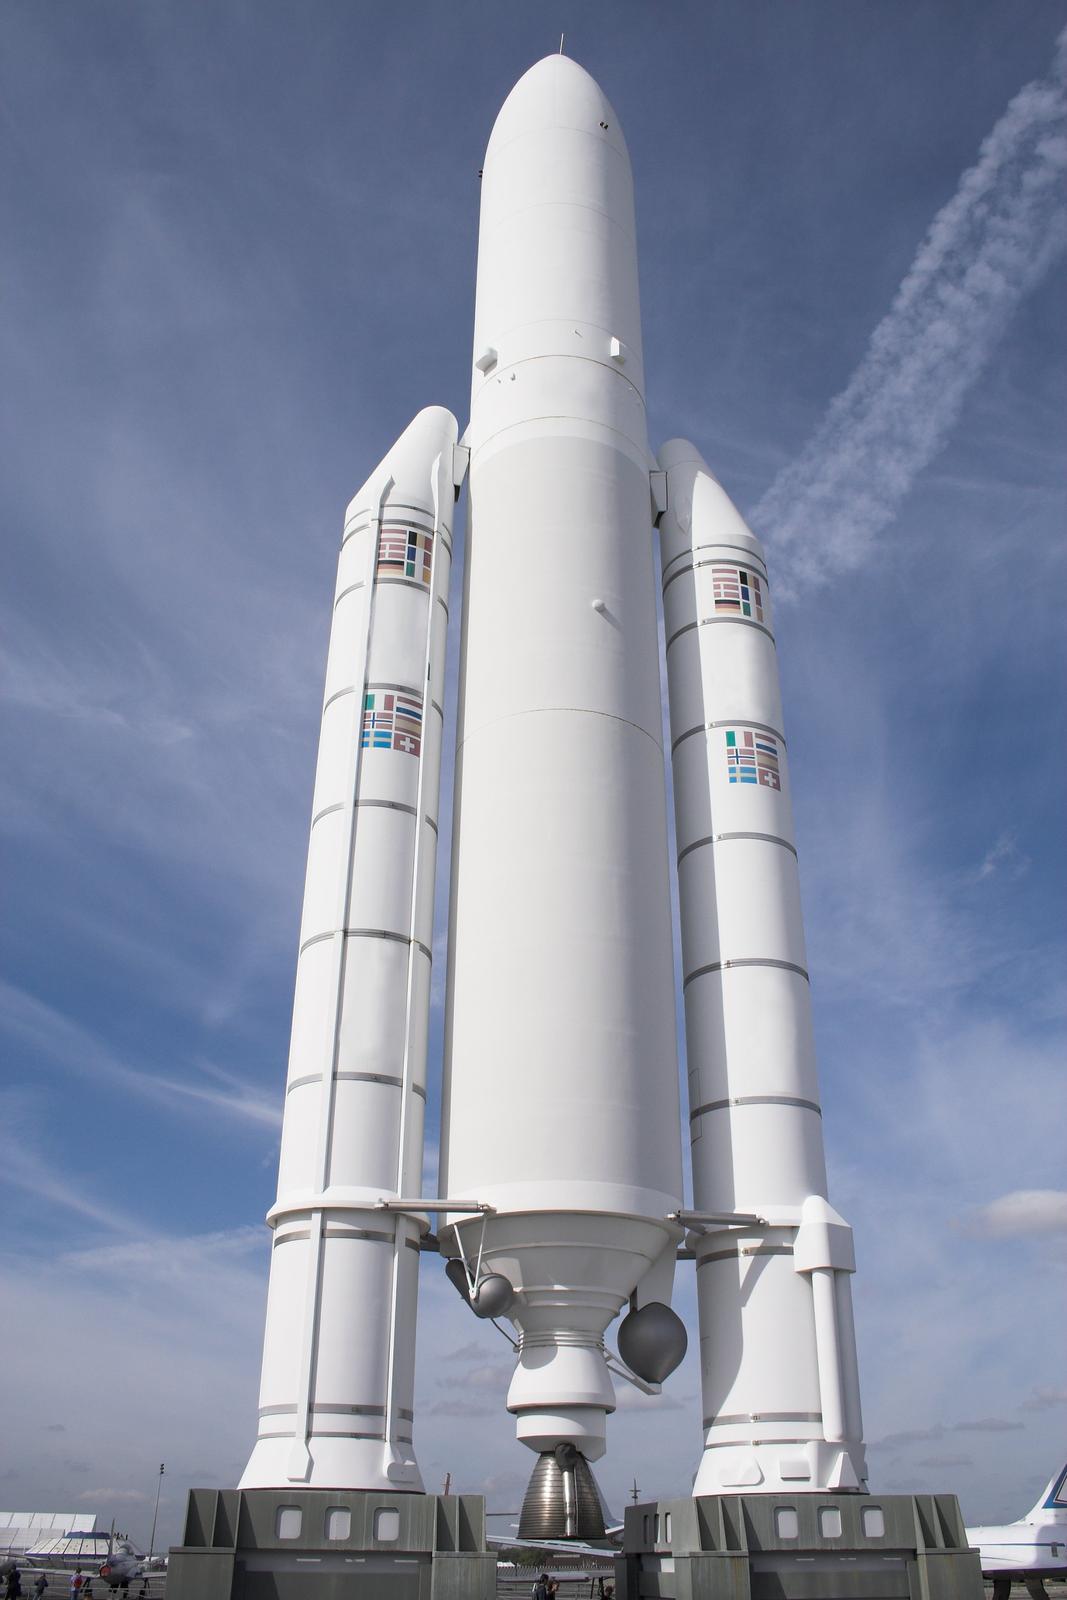 Fotografia przedstawia wieloczłonową rakietę kosmiczną